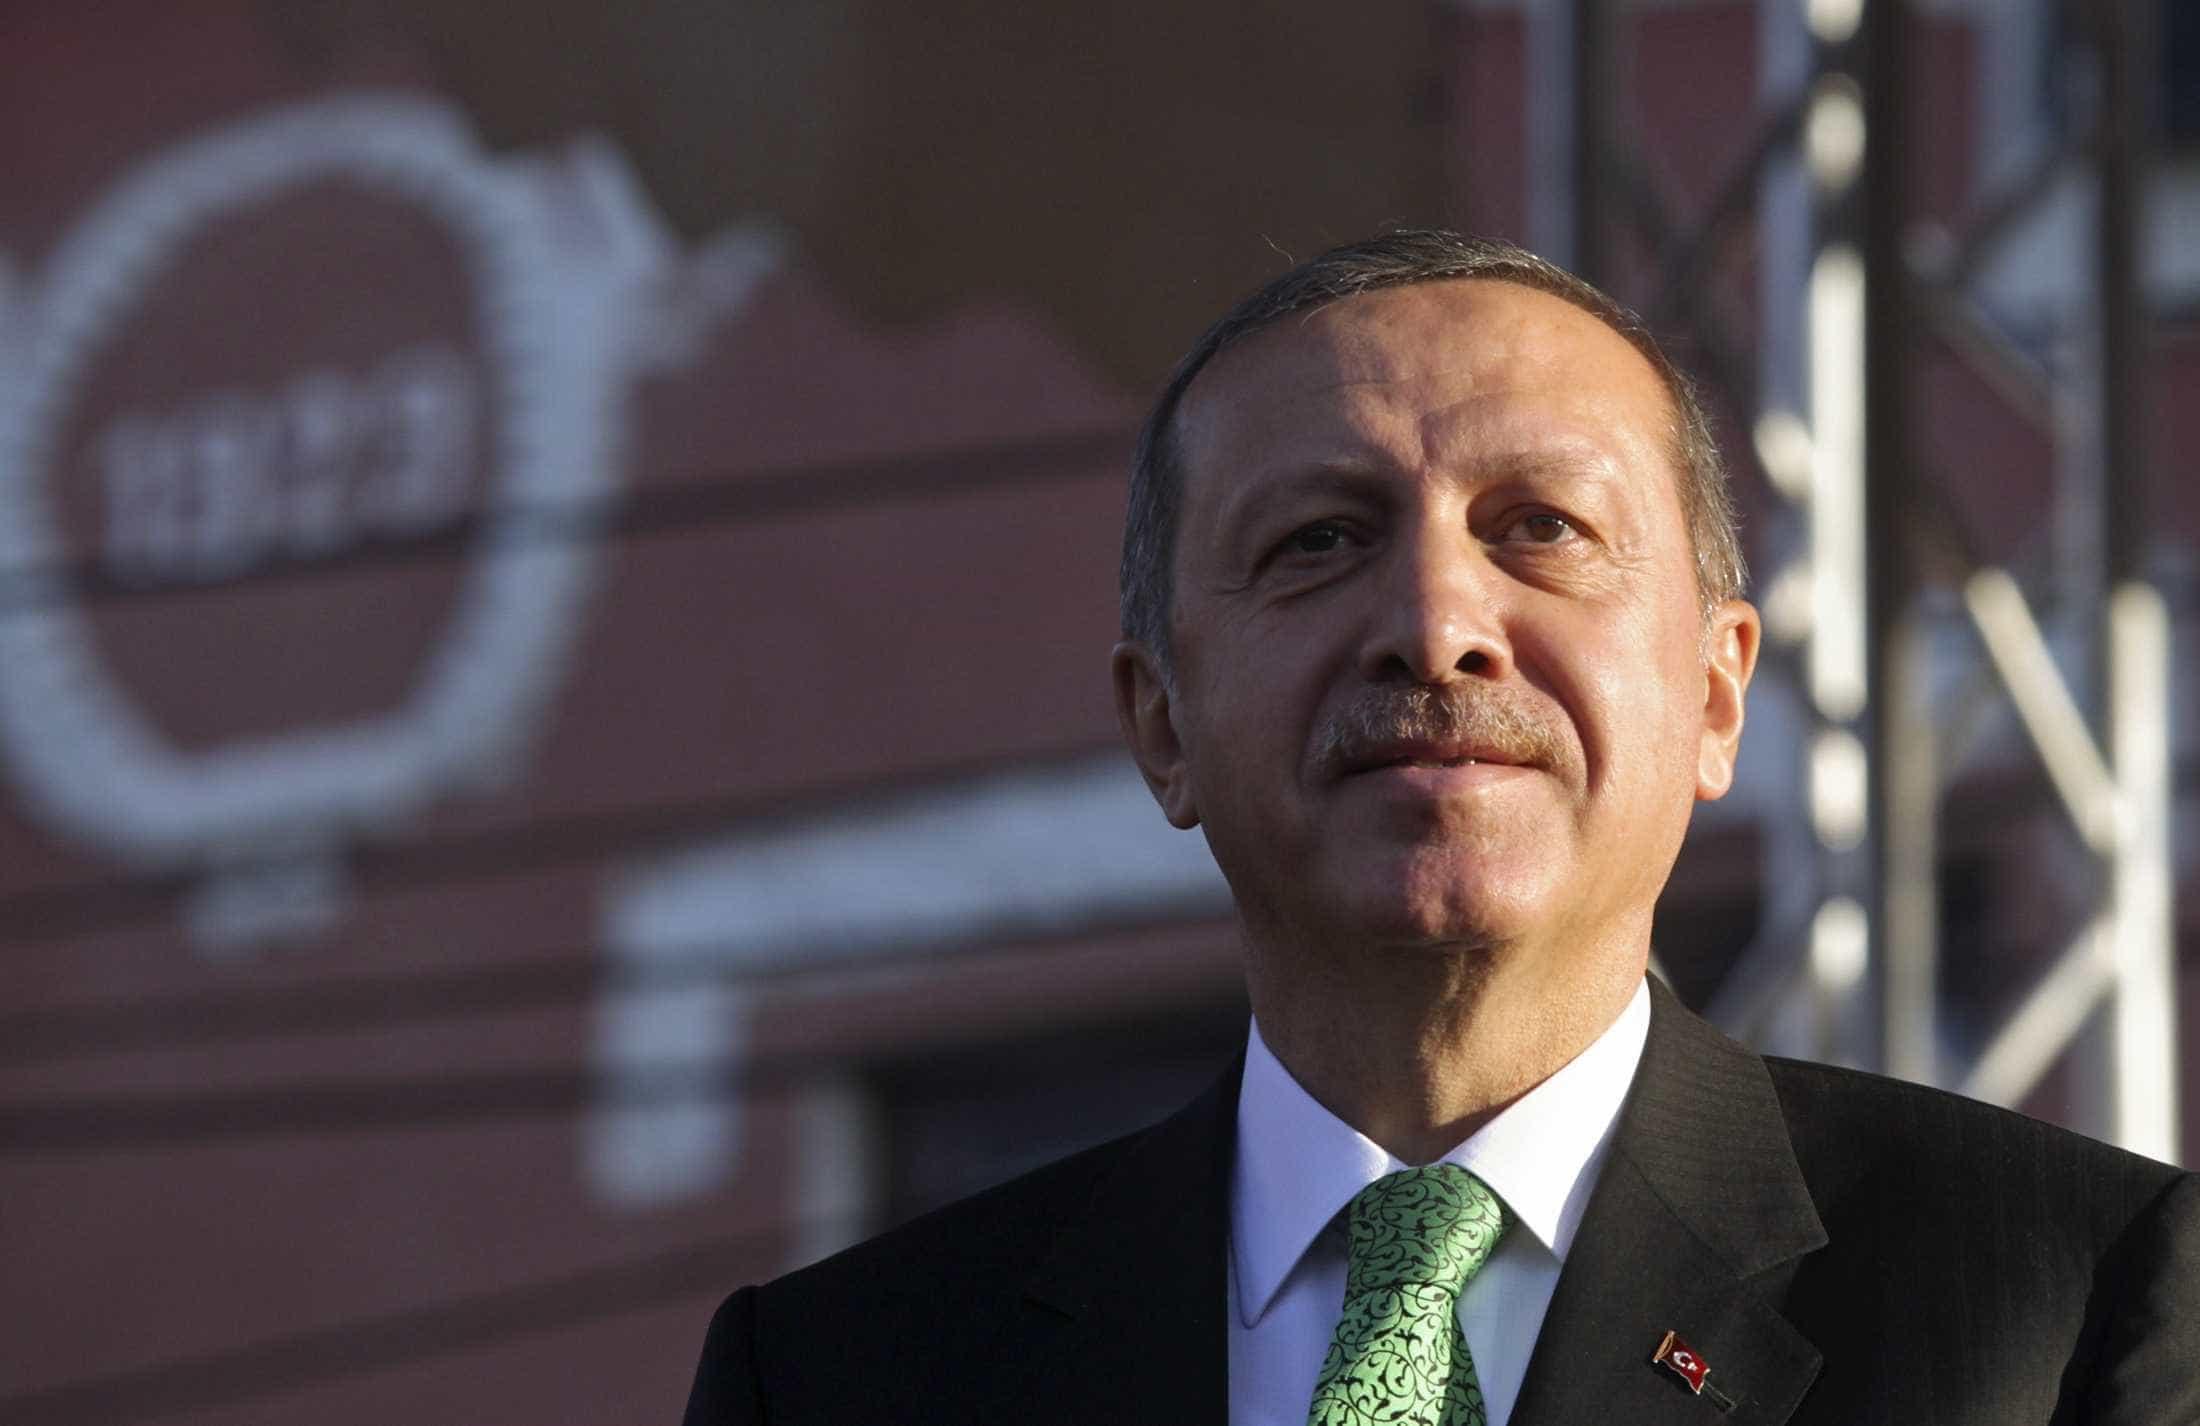 Holanda: Presidente turco diz que está a recolher informações